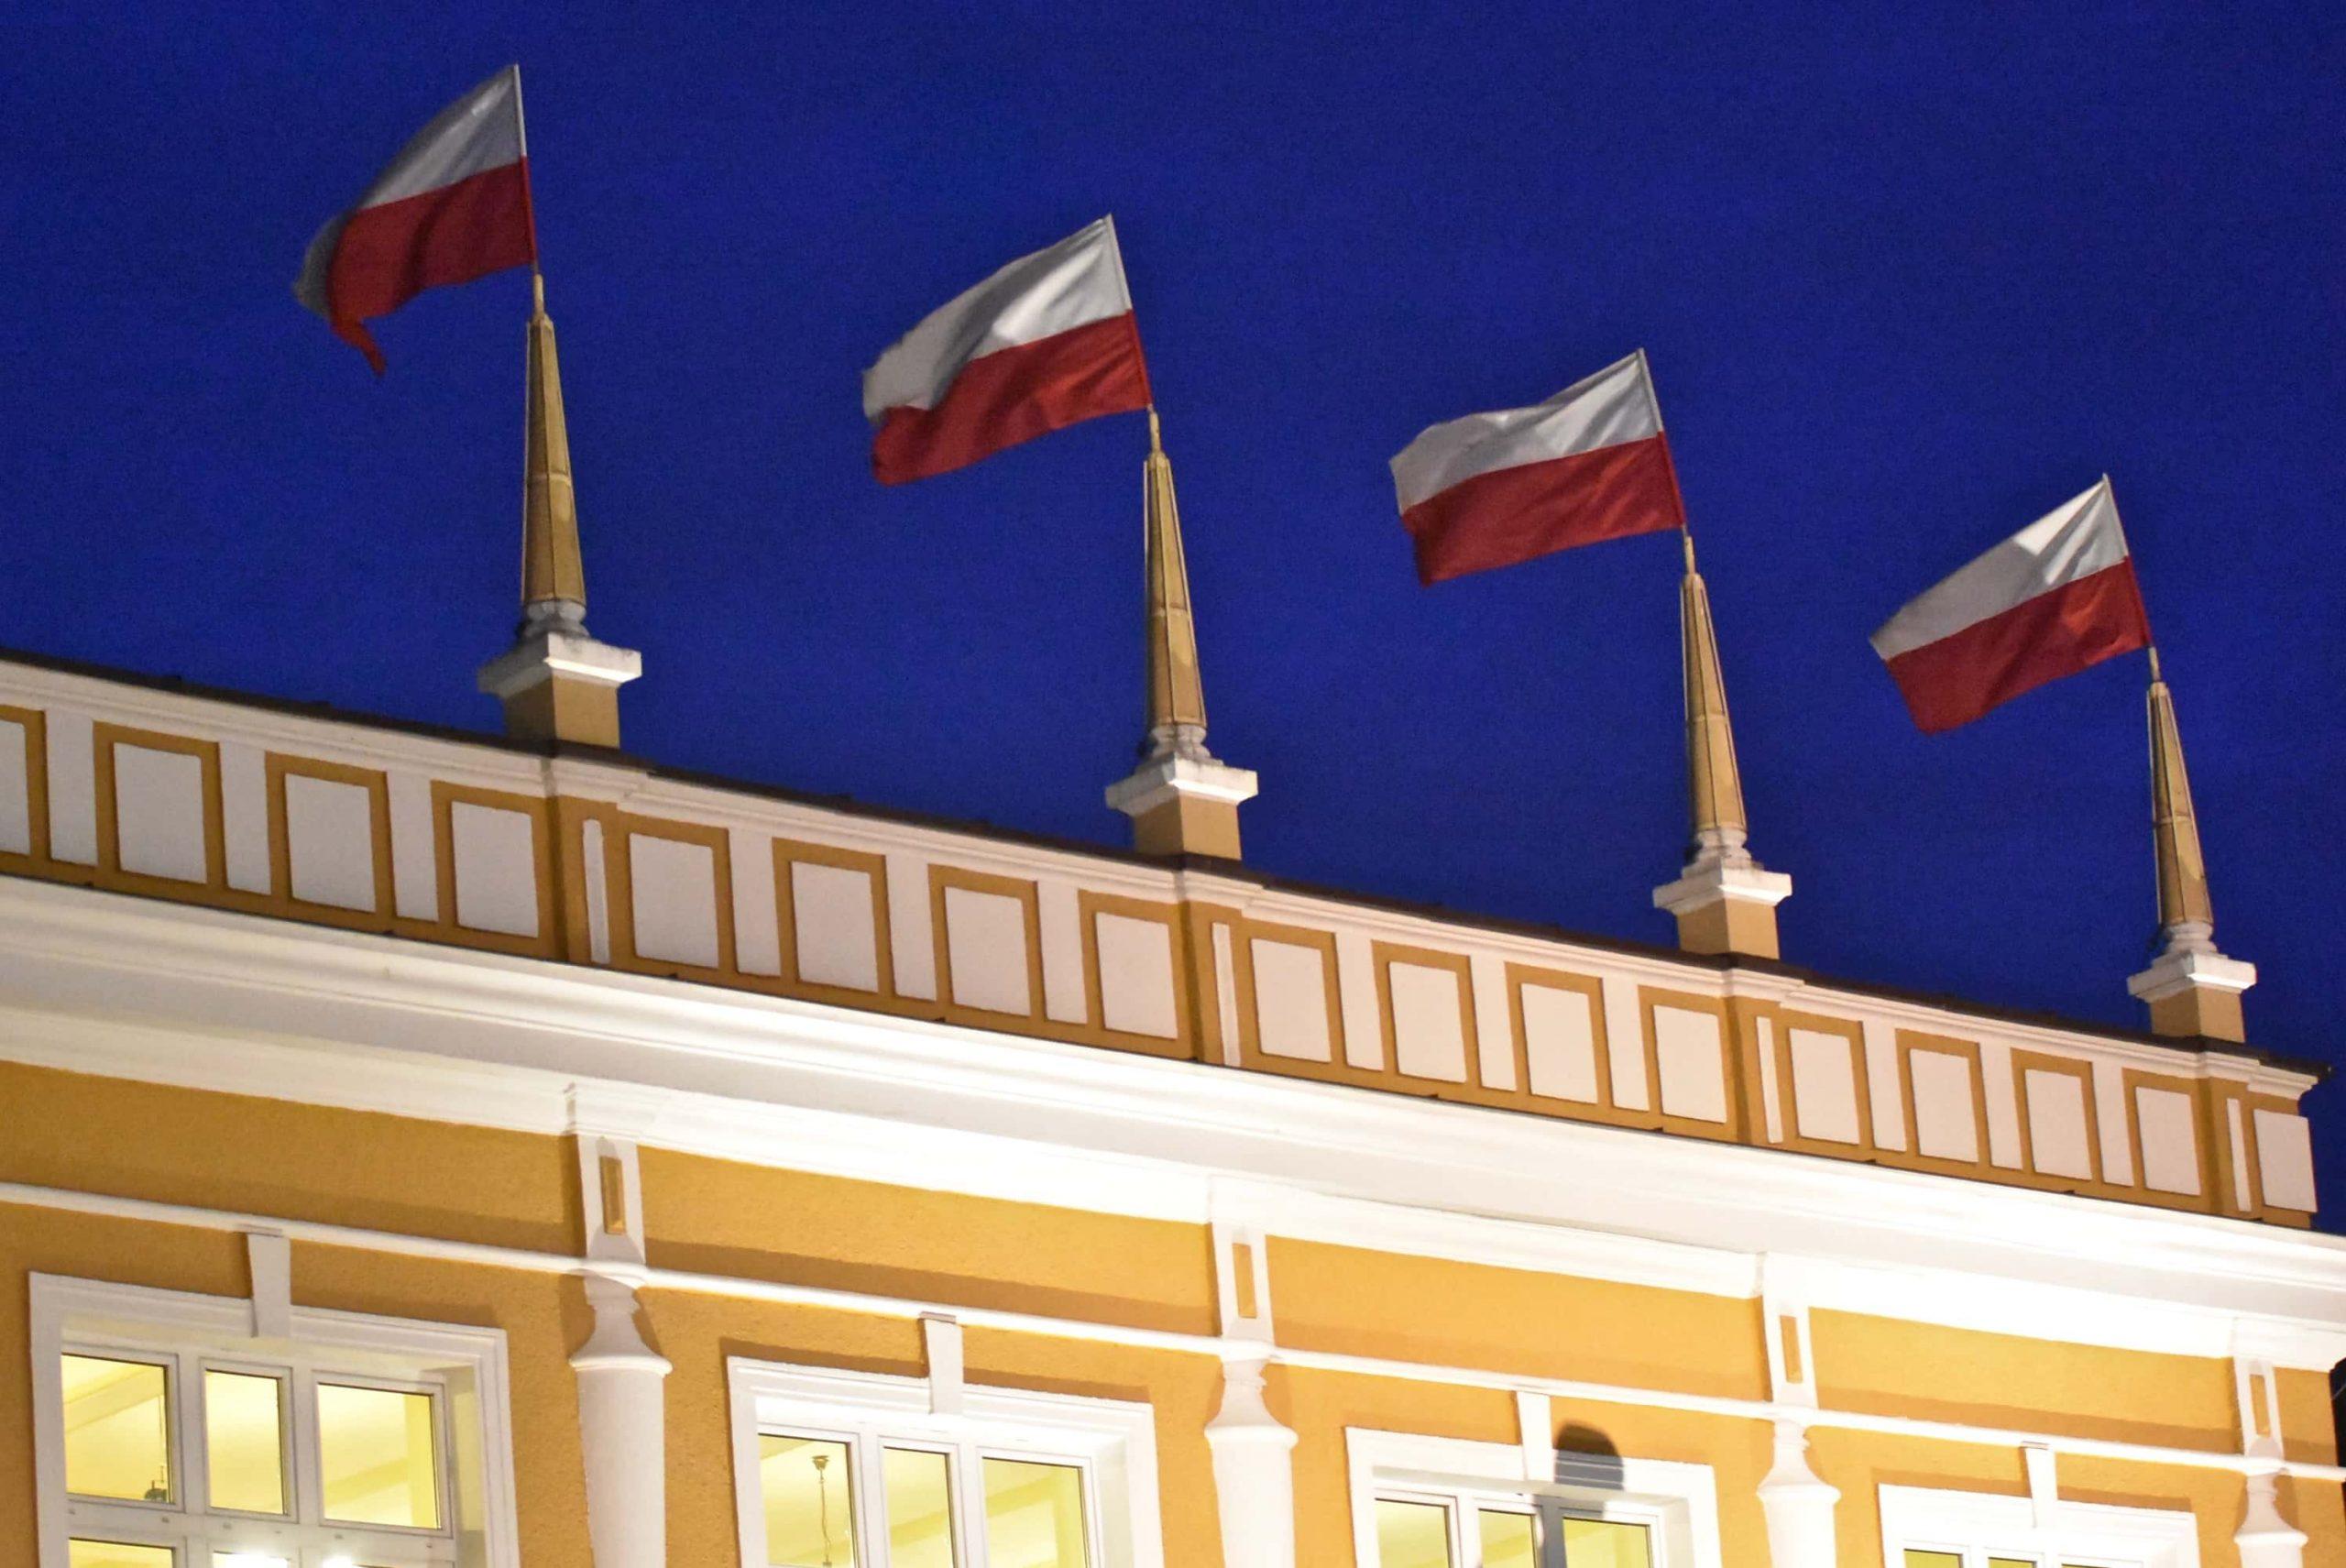 dsc 7697 scaled 80. rocznica agresji sowieckiej na Polskę - uroczystości w Zamościu